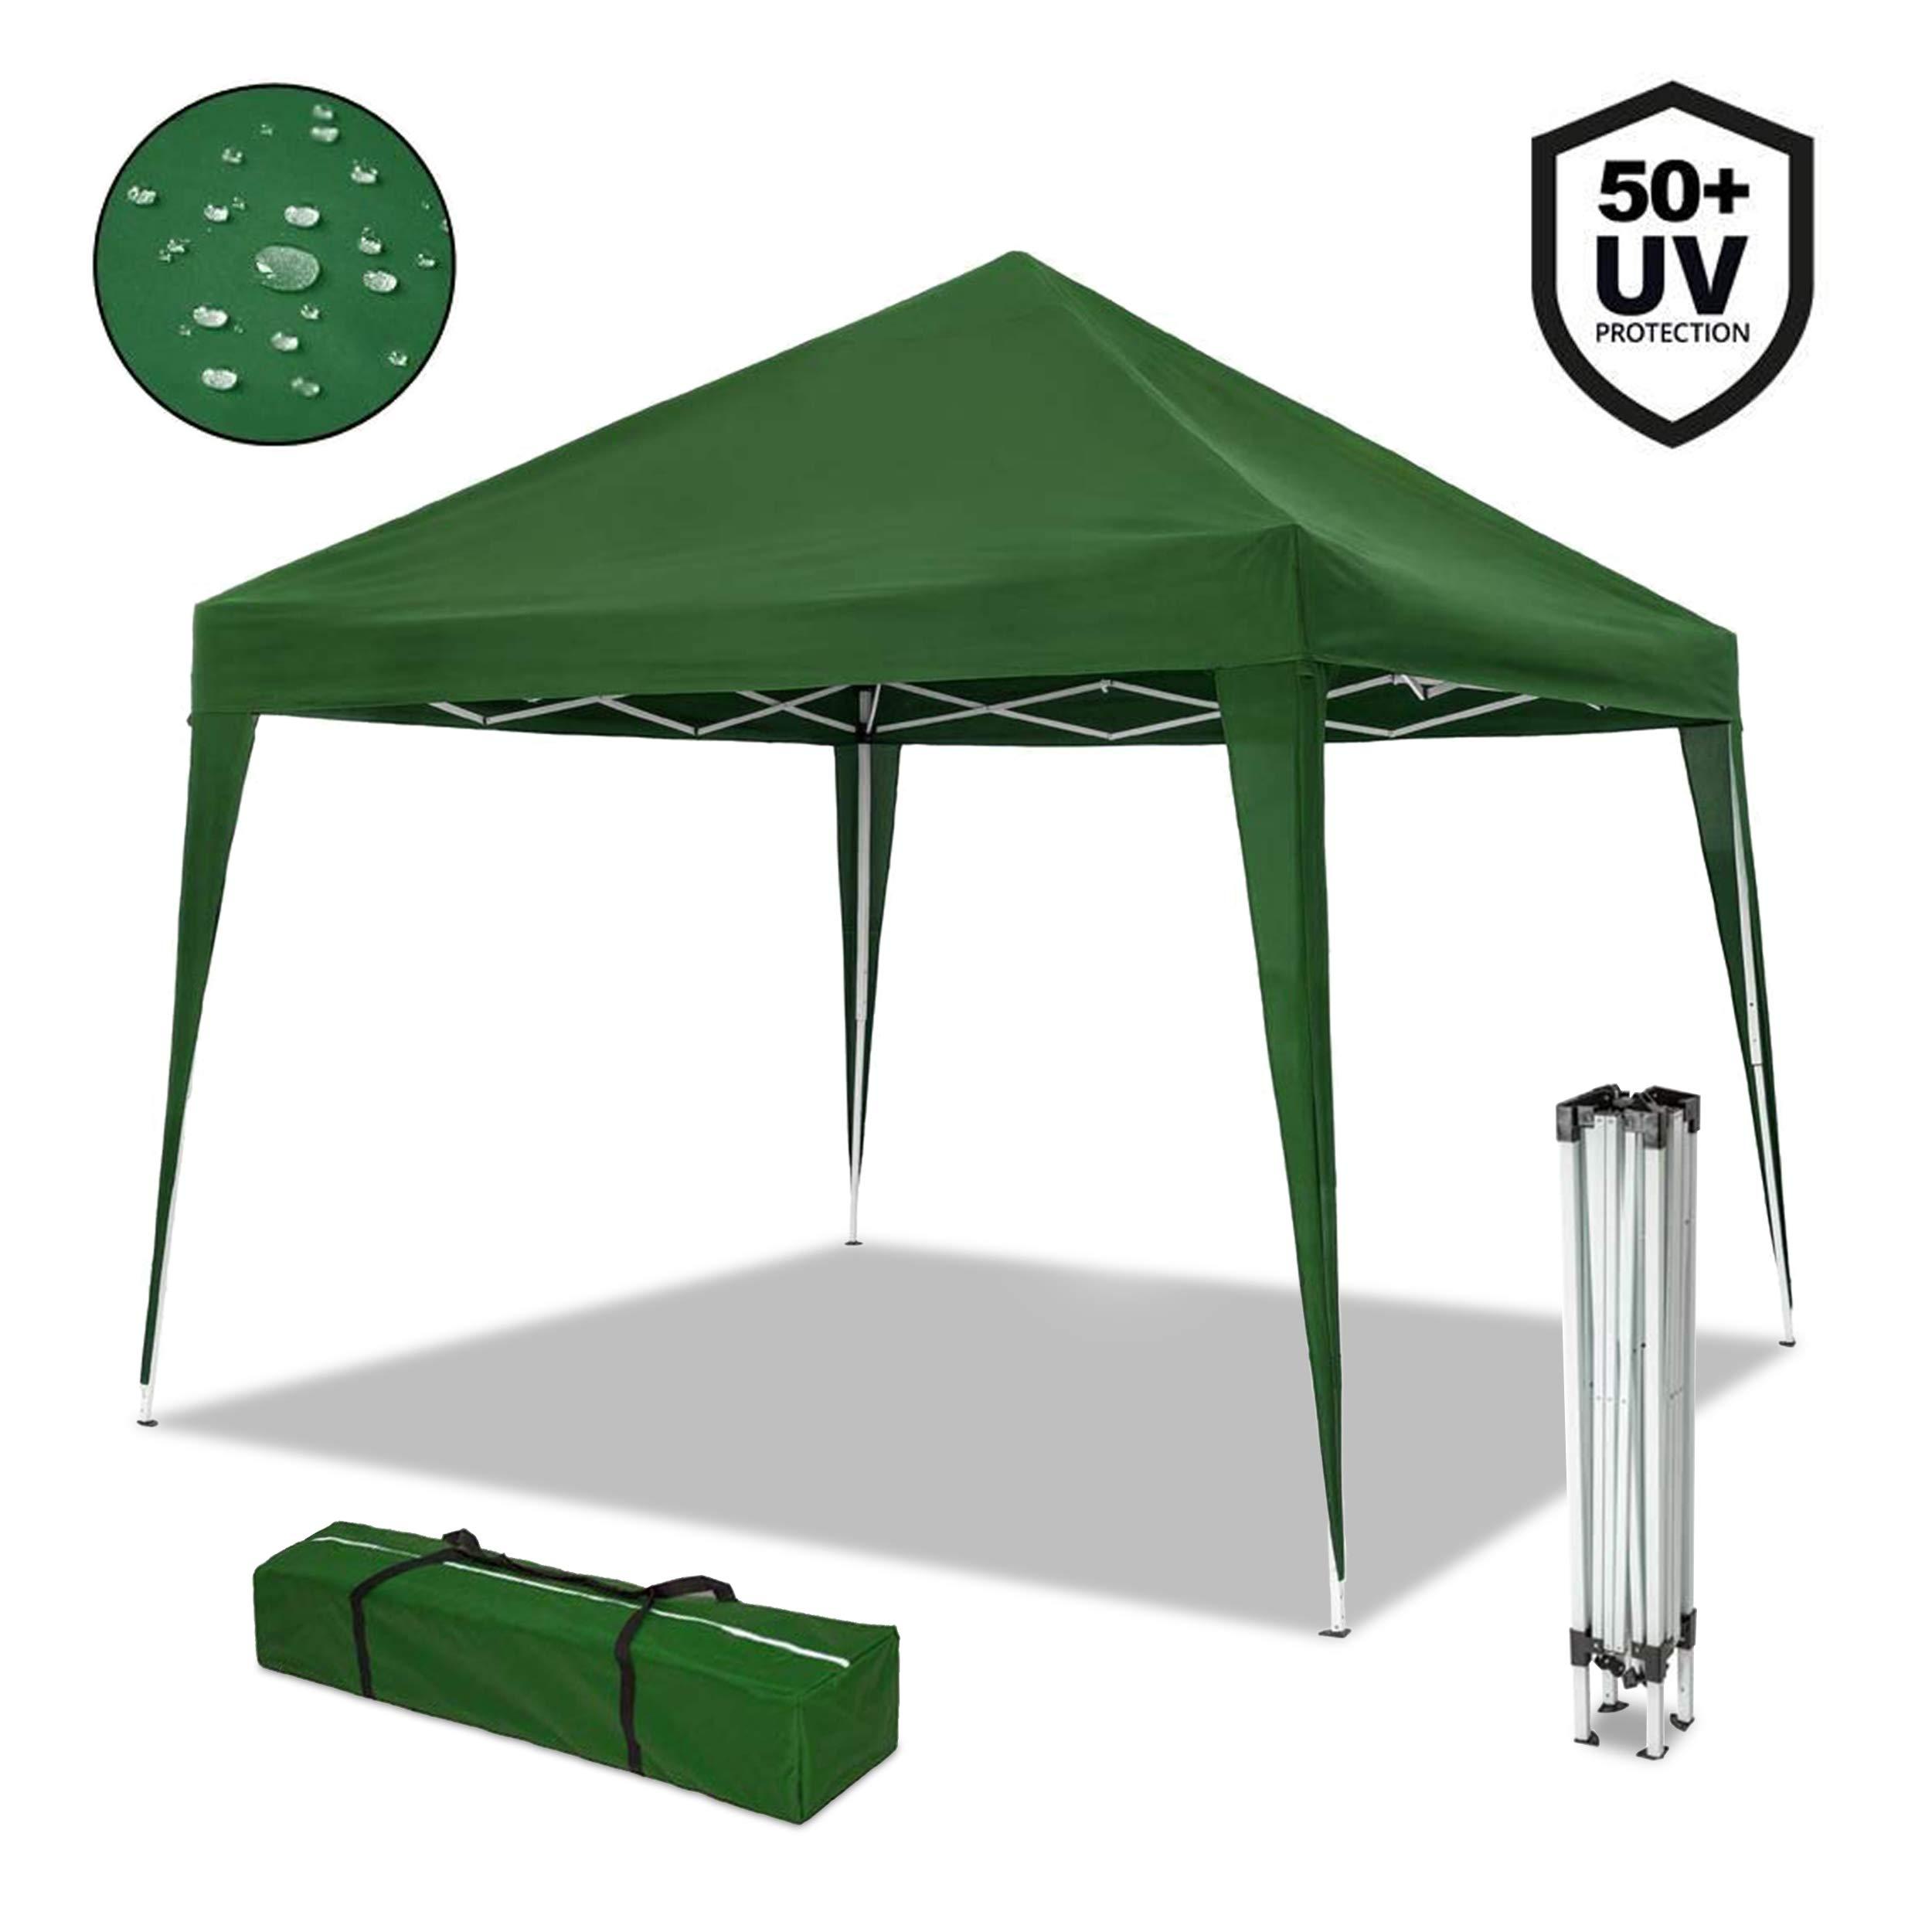 Gazebo Con Sacca.Nouvot Gazebo Richiudibile 3x3 Pieghevole A Fisarmonica Impermeabile Mercato Tenda Con Sacca Colore Verde Faceshopping